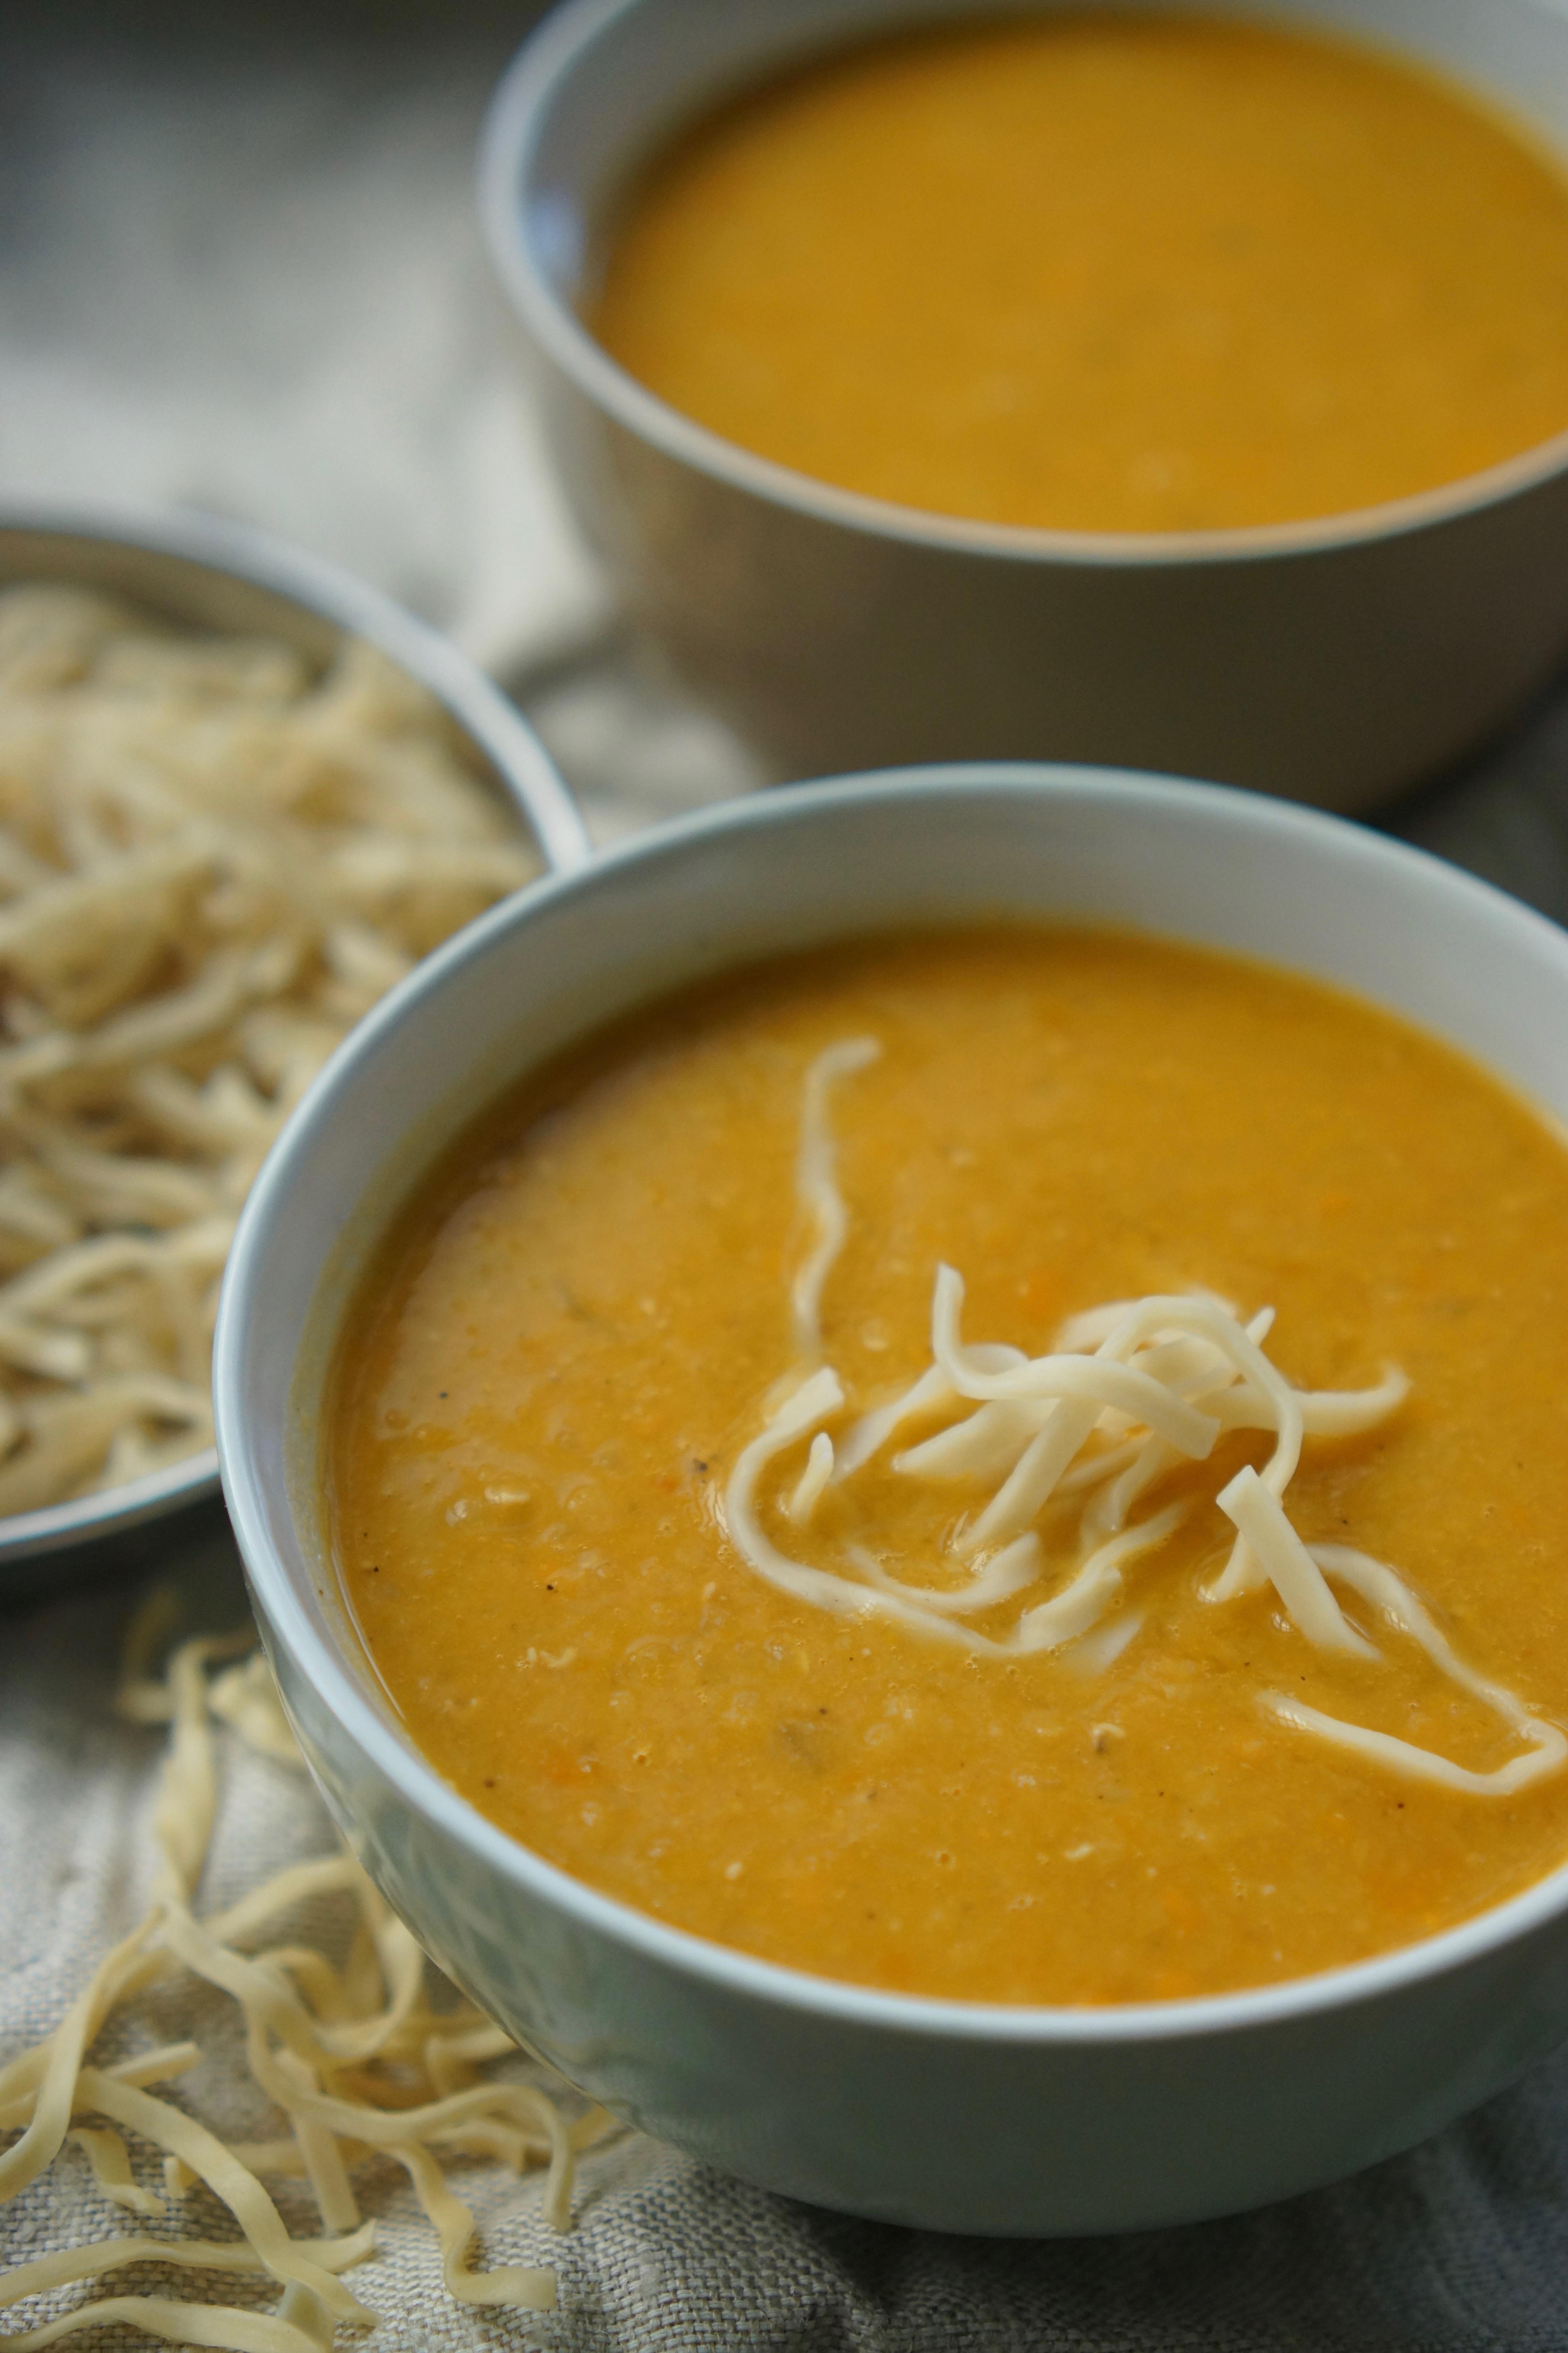 קערת מרק עם אטריות, מרק עדשים כתומות של אחיות, בלוג האוכל של גבישס.